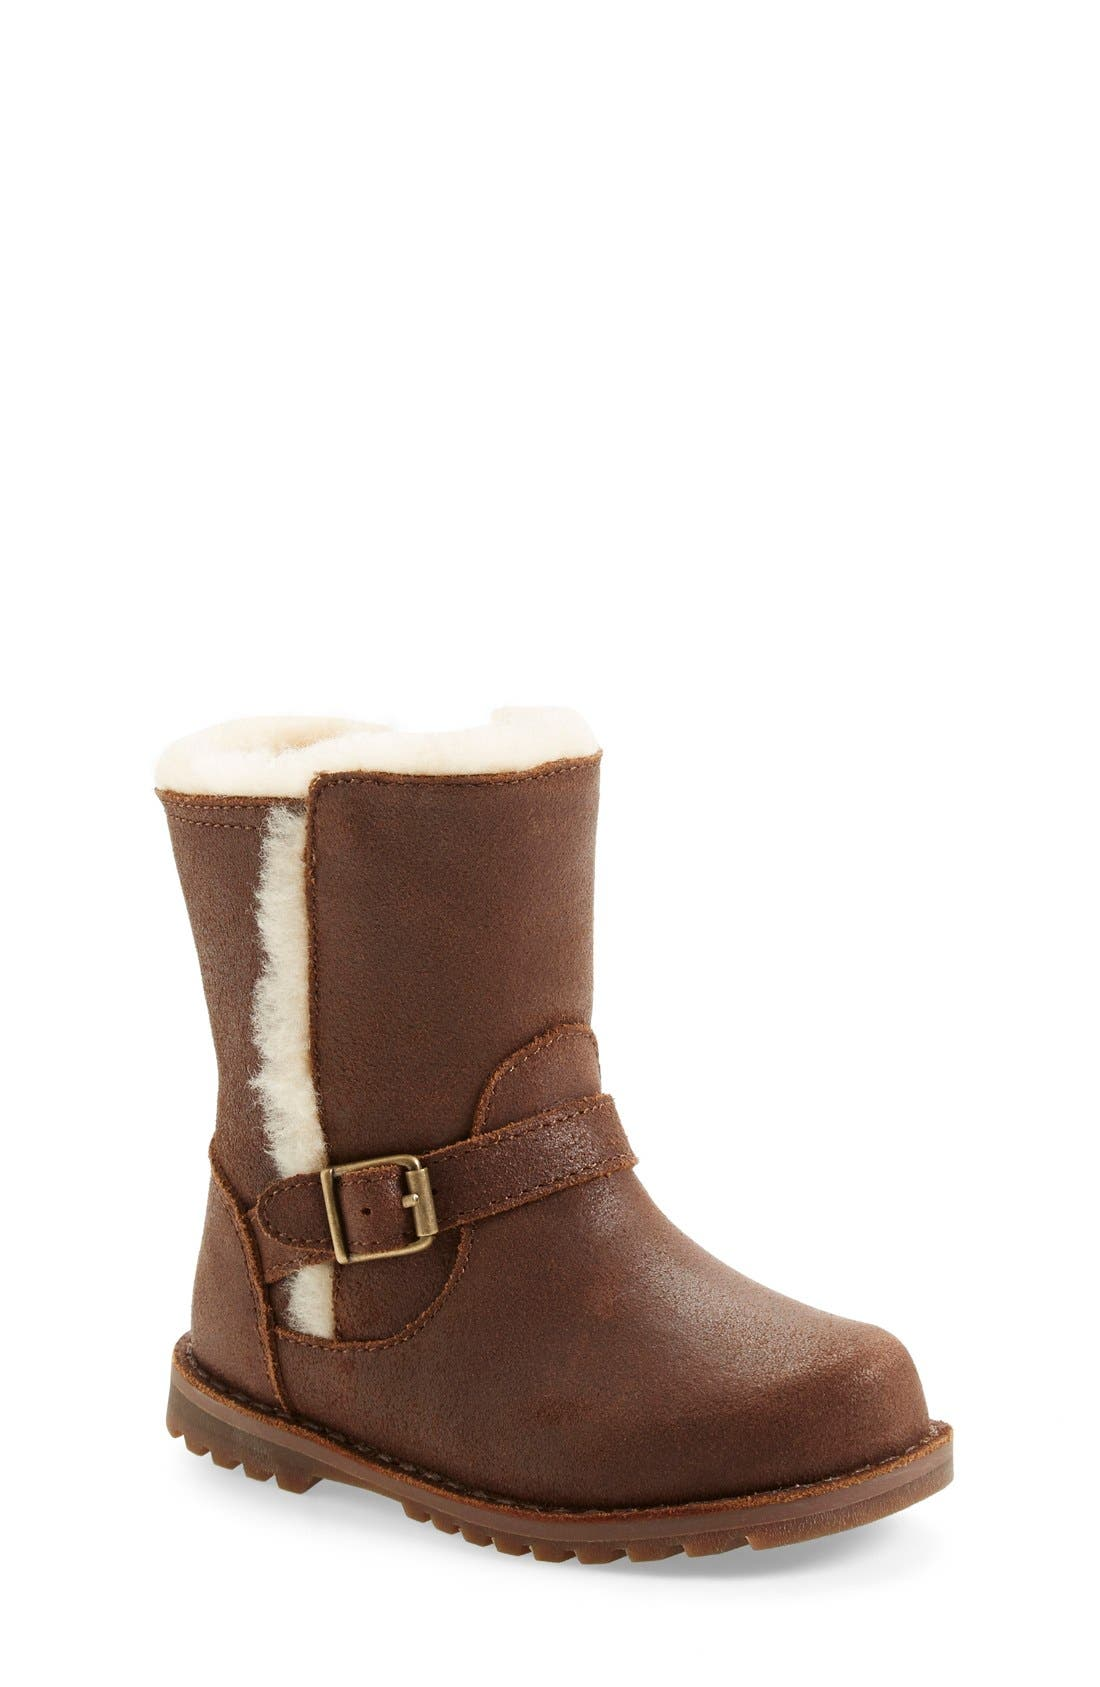 Main Image - UGG® 'Holmes' Boot (Walker & Toddler)